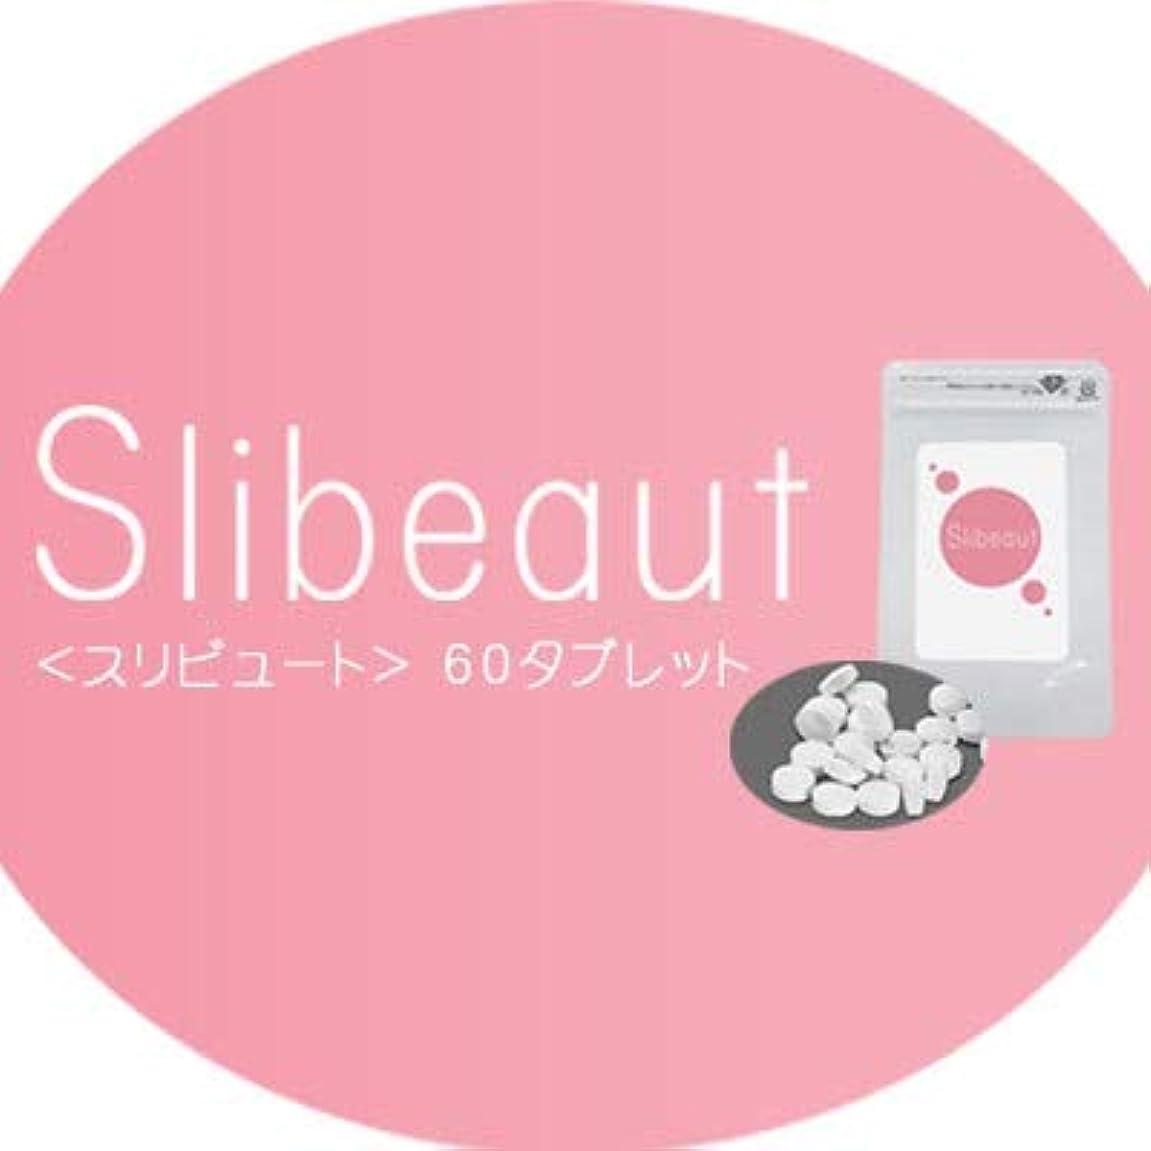 保有者勧告巨人Slibeaut(スリビュート)~ダイエットサポートサプリ~